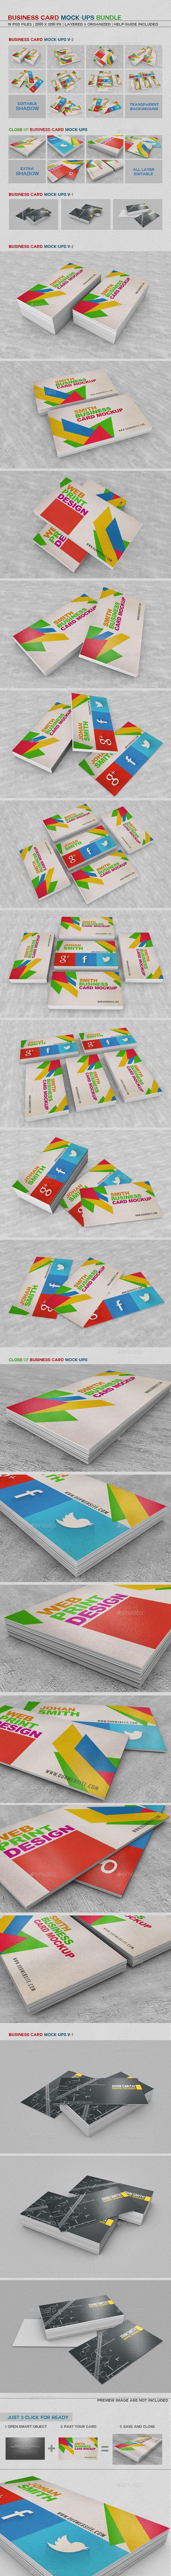 Business card mockups bundle pinterest mockup business cards business card mockups bundle business cards print reheart Images